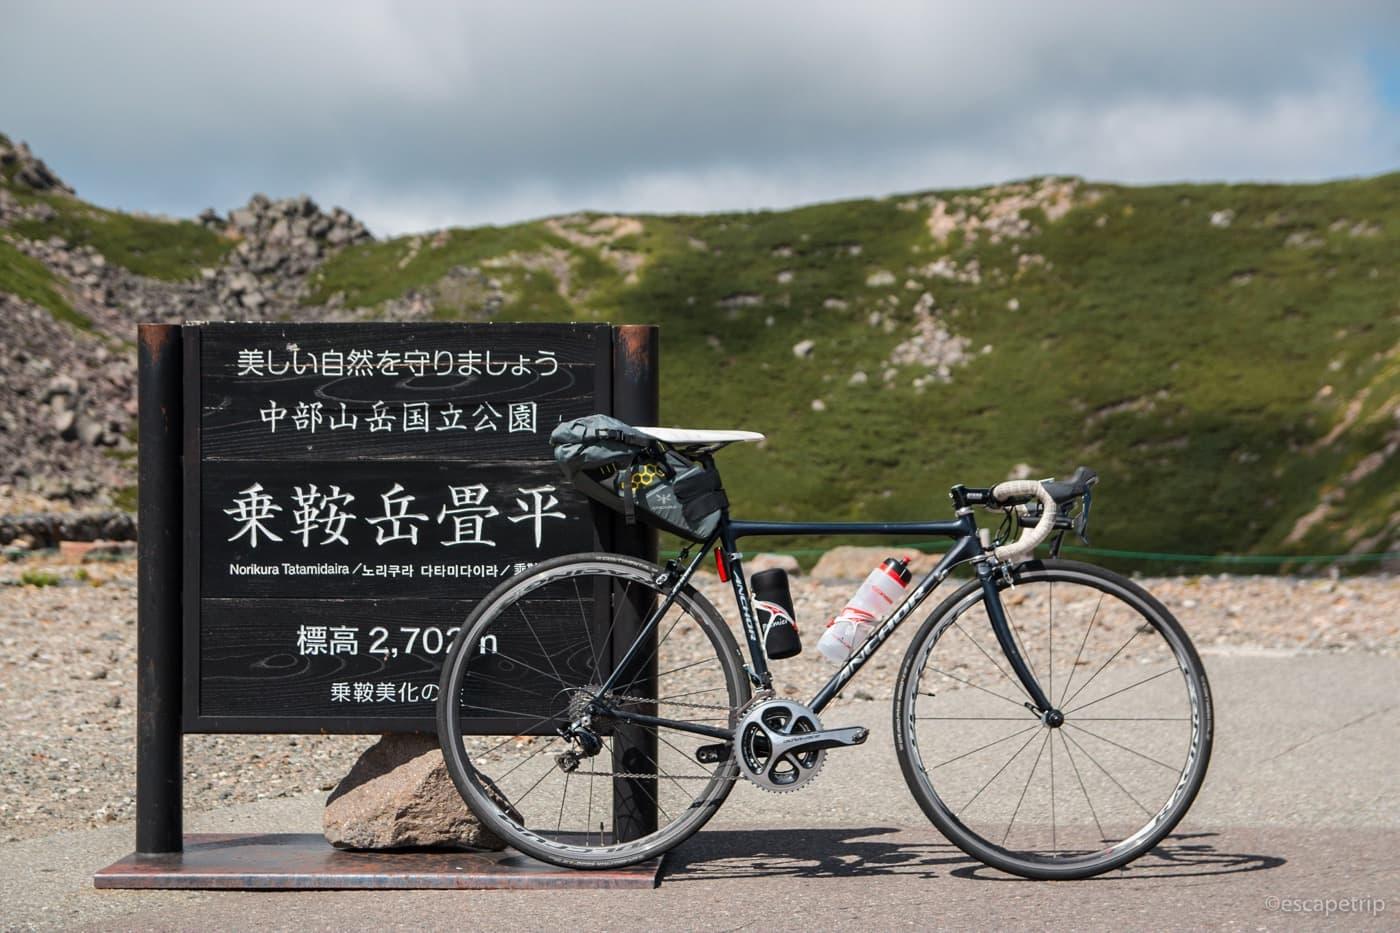 乗鞍岳畳平の看板とロードバイク